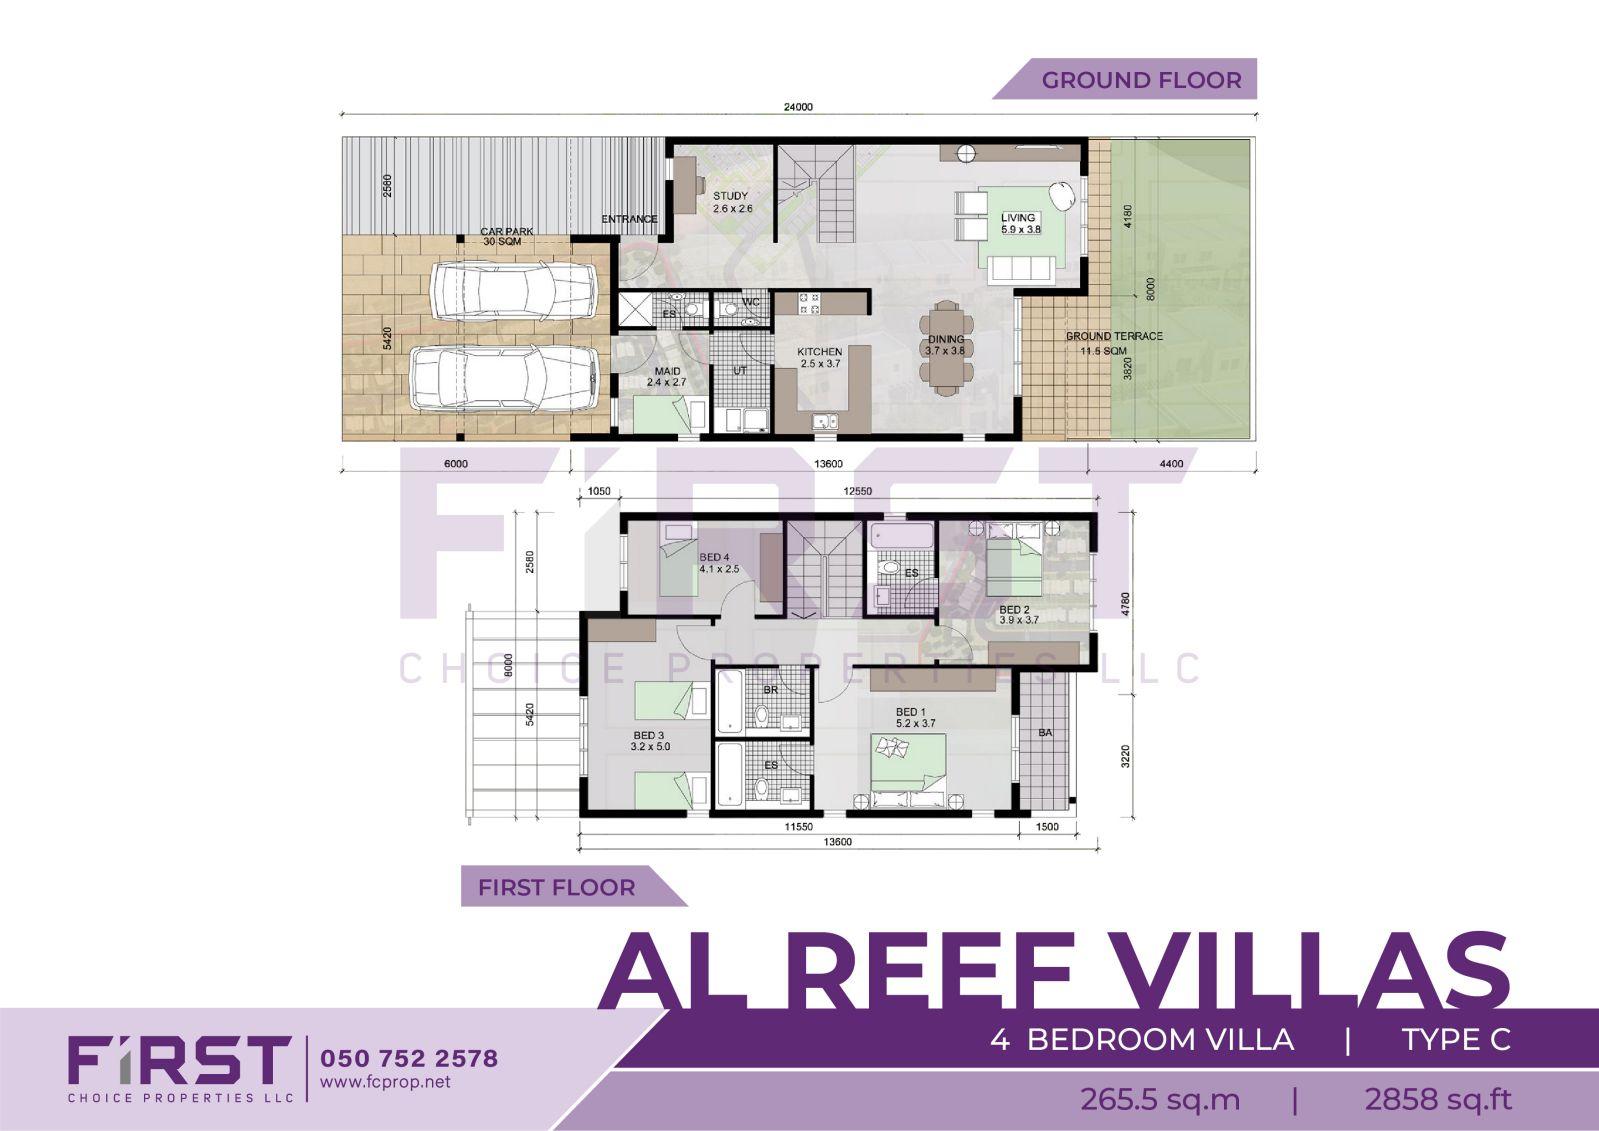 Floor Plan of 4 Bedroom Villa Type C in Al Reef Villas Al Reef Abu Dhabi UAE 265.5 sq.m 2858 sq.ft.jpg